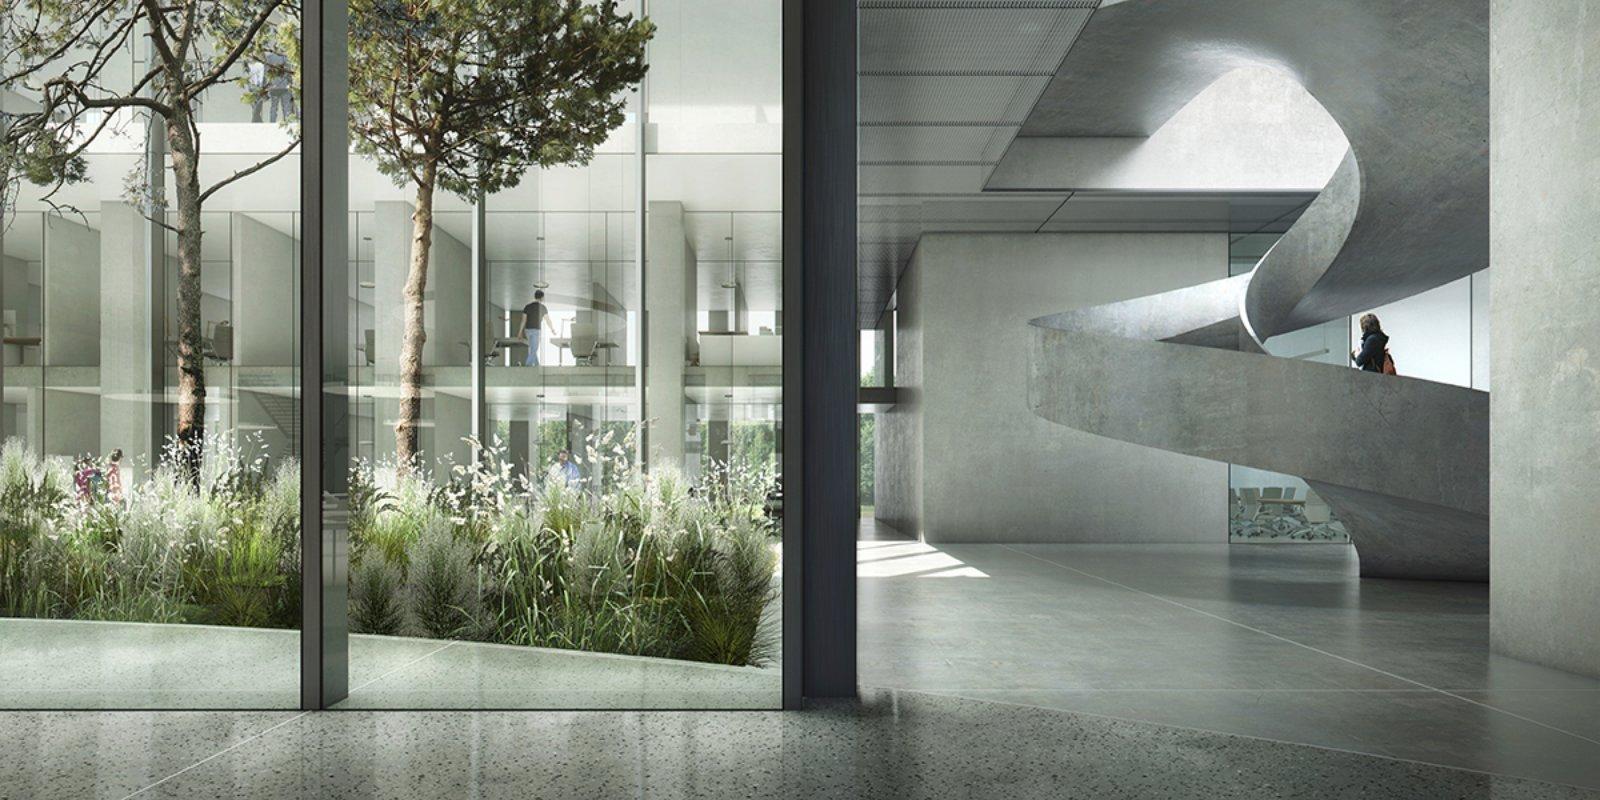 new Tilburg University building